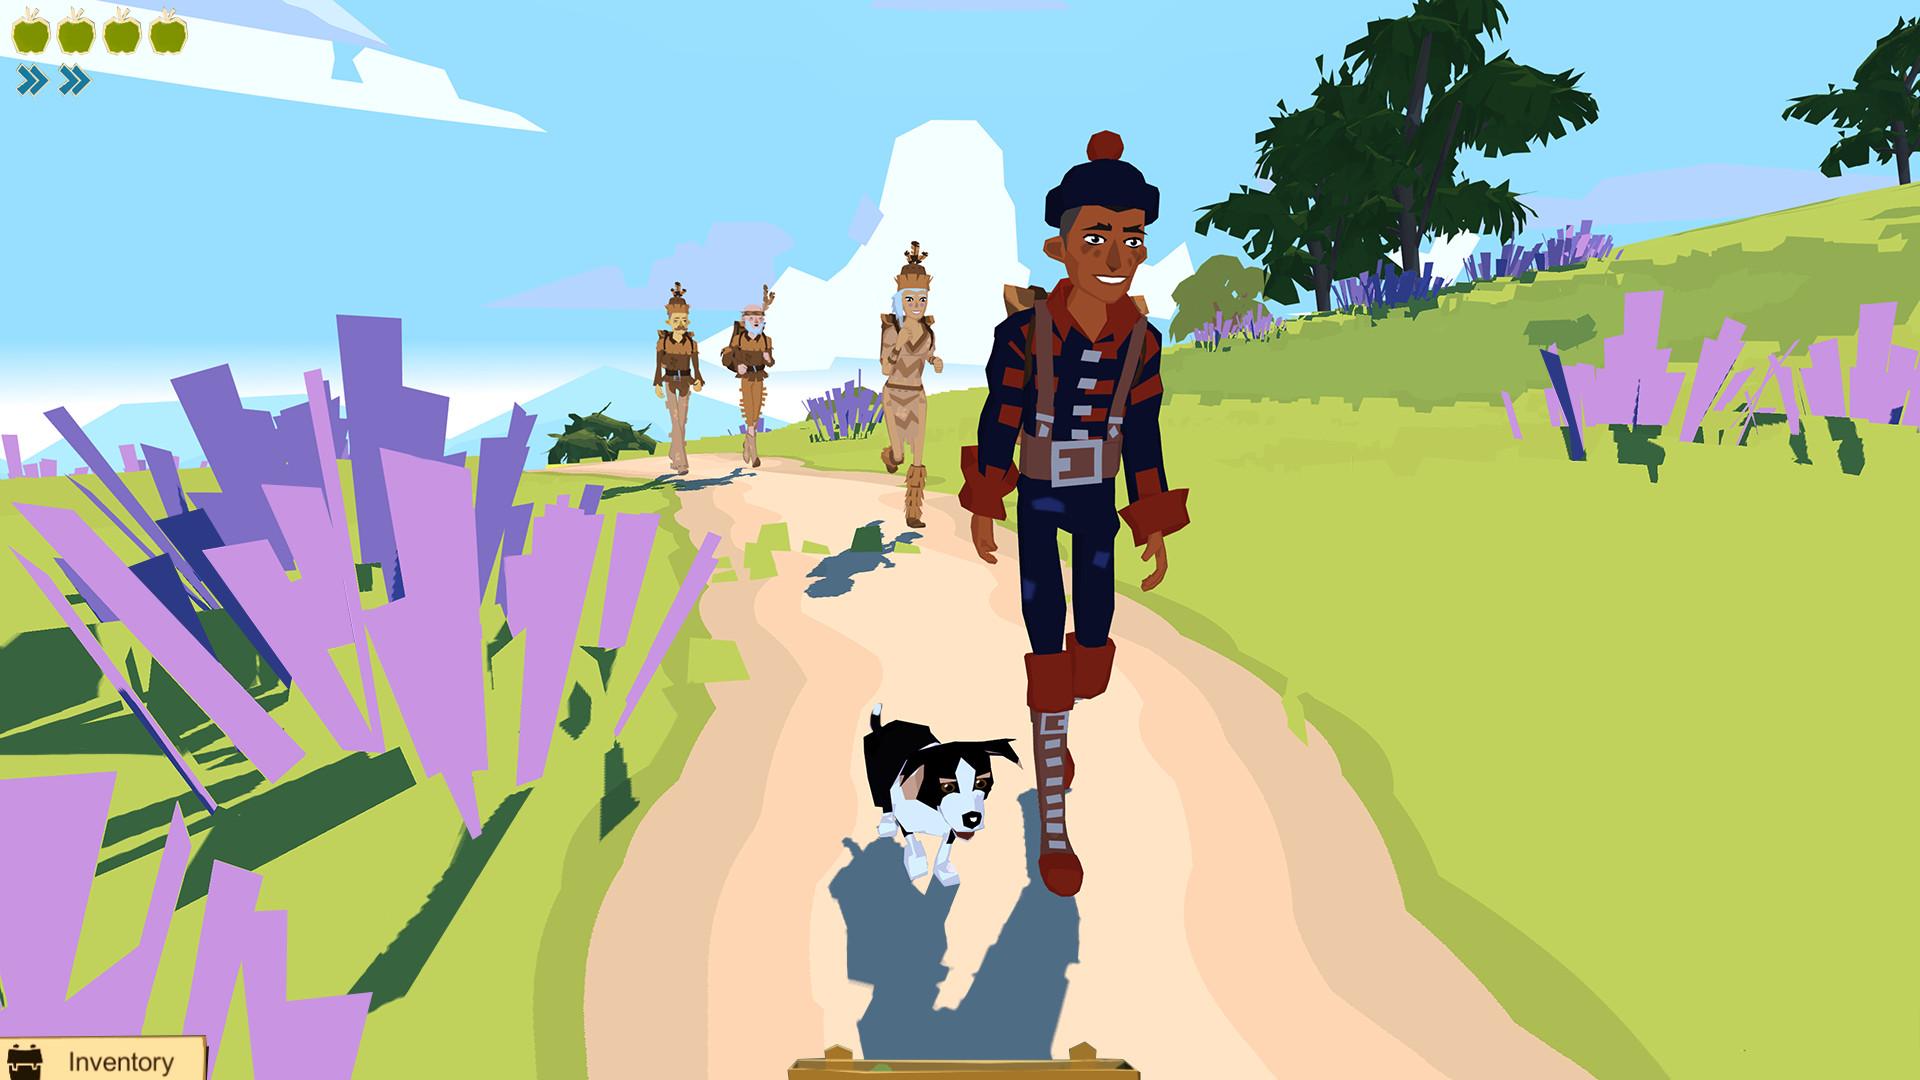 边境之旅游戏图片欣赏